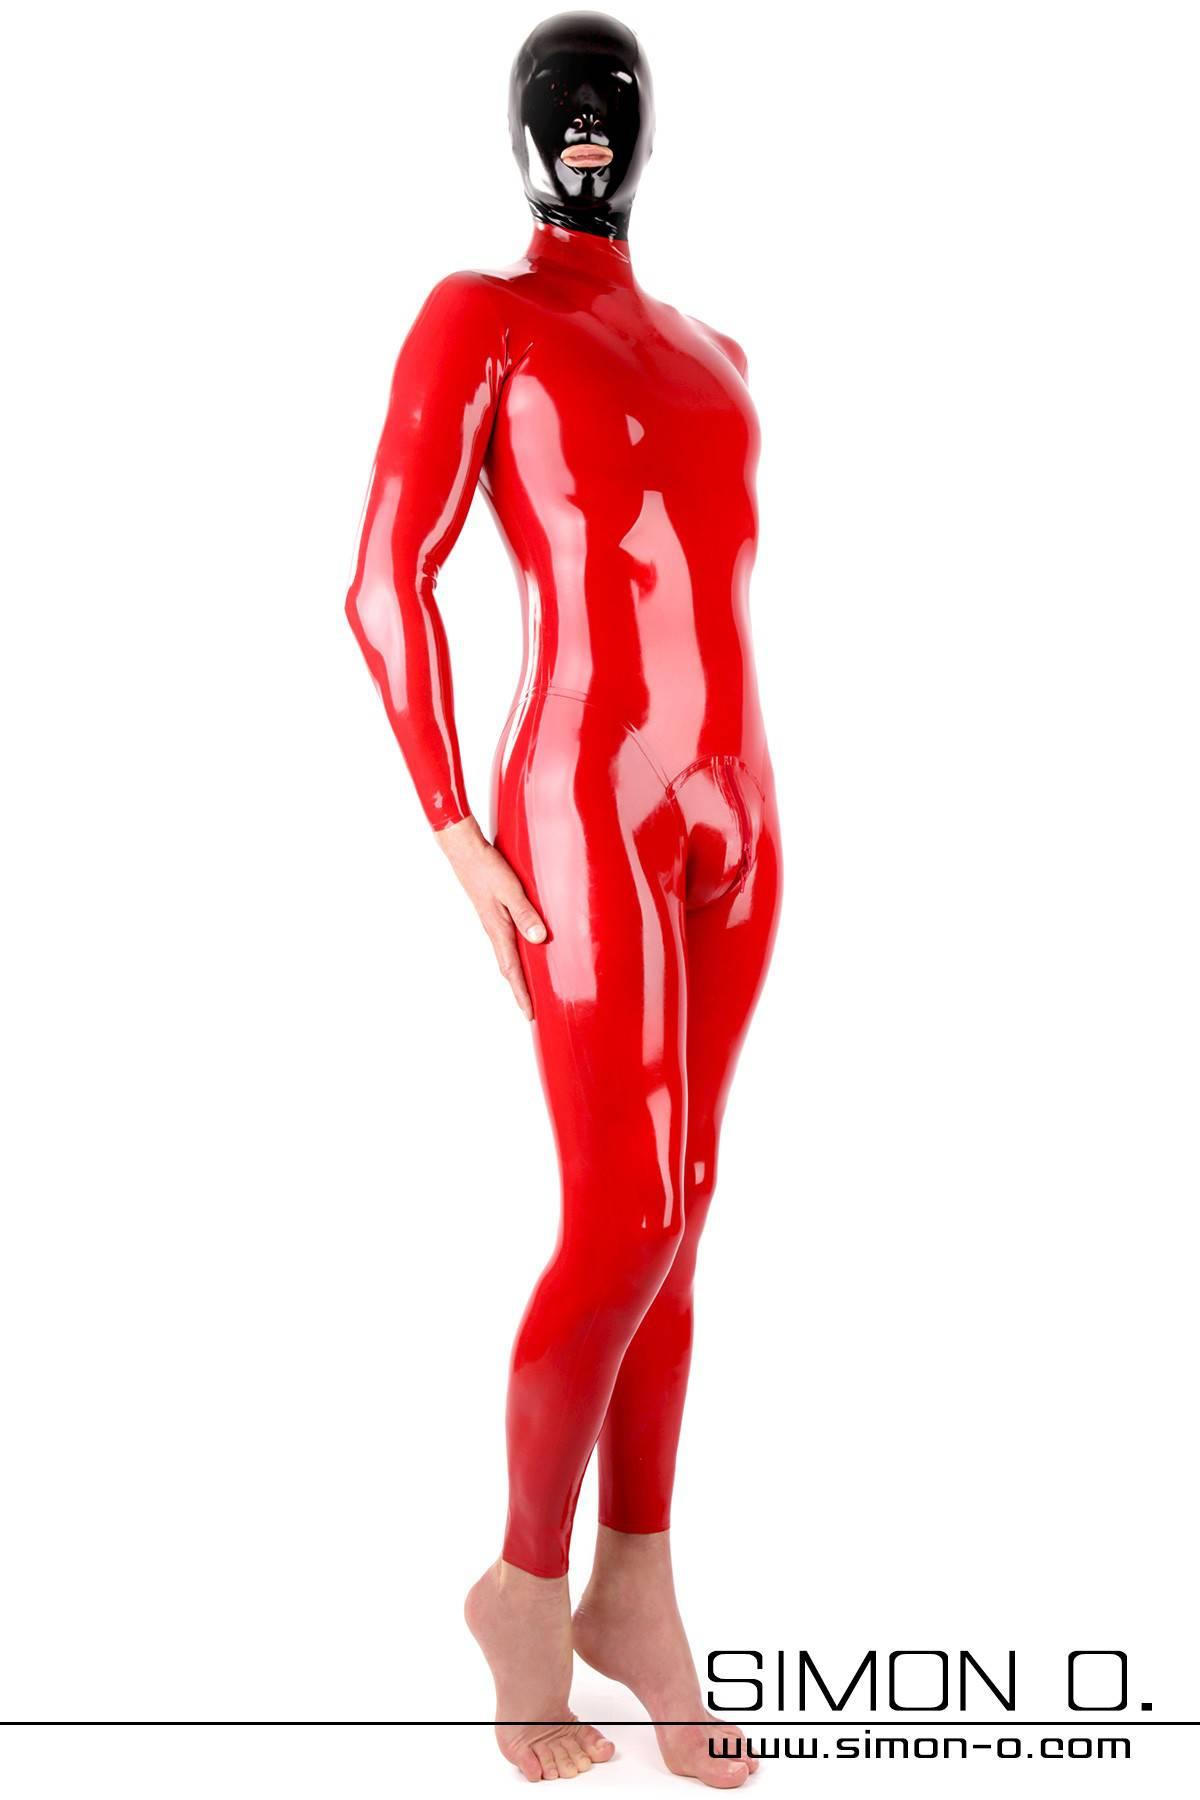 Ein Mann trägt einen engen glänzenden roten Latexanzug mit Zipp im Schritt und ein schwarze Latex Maske von vorne gesehen